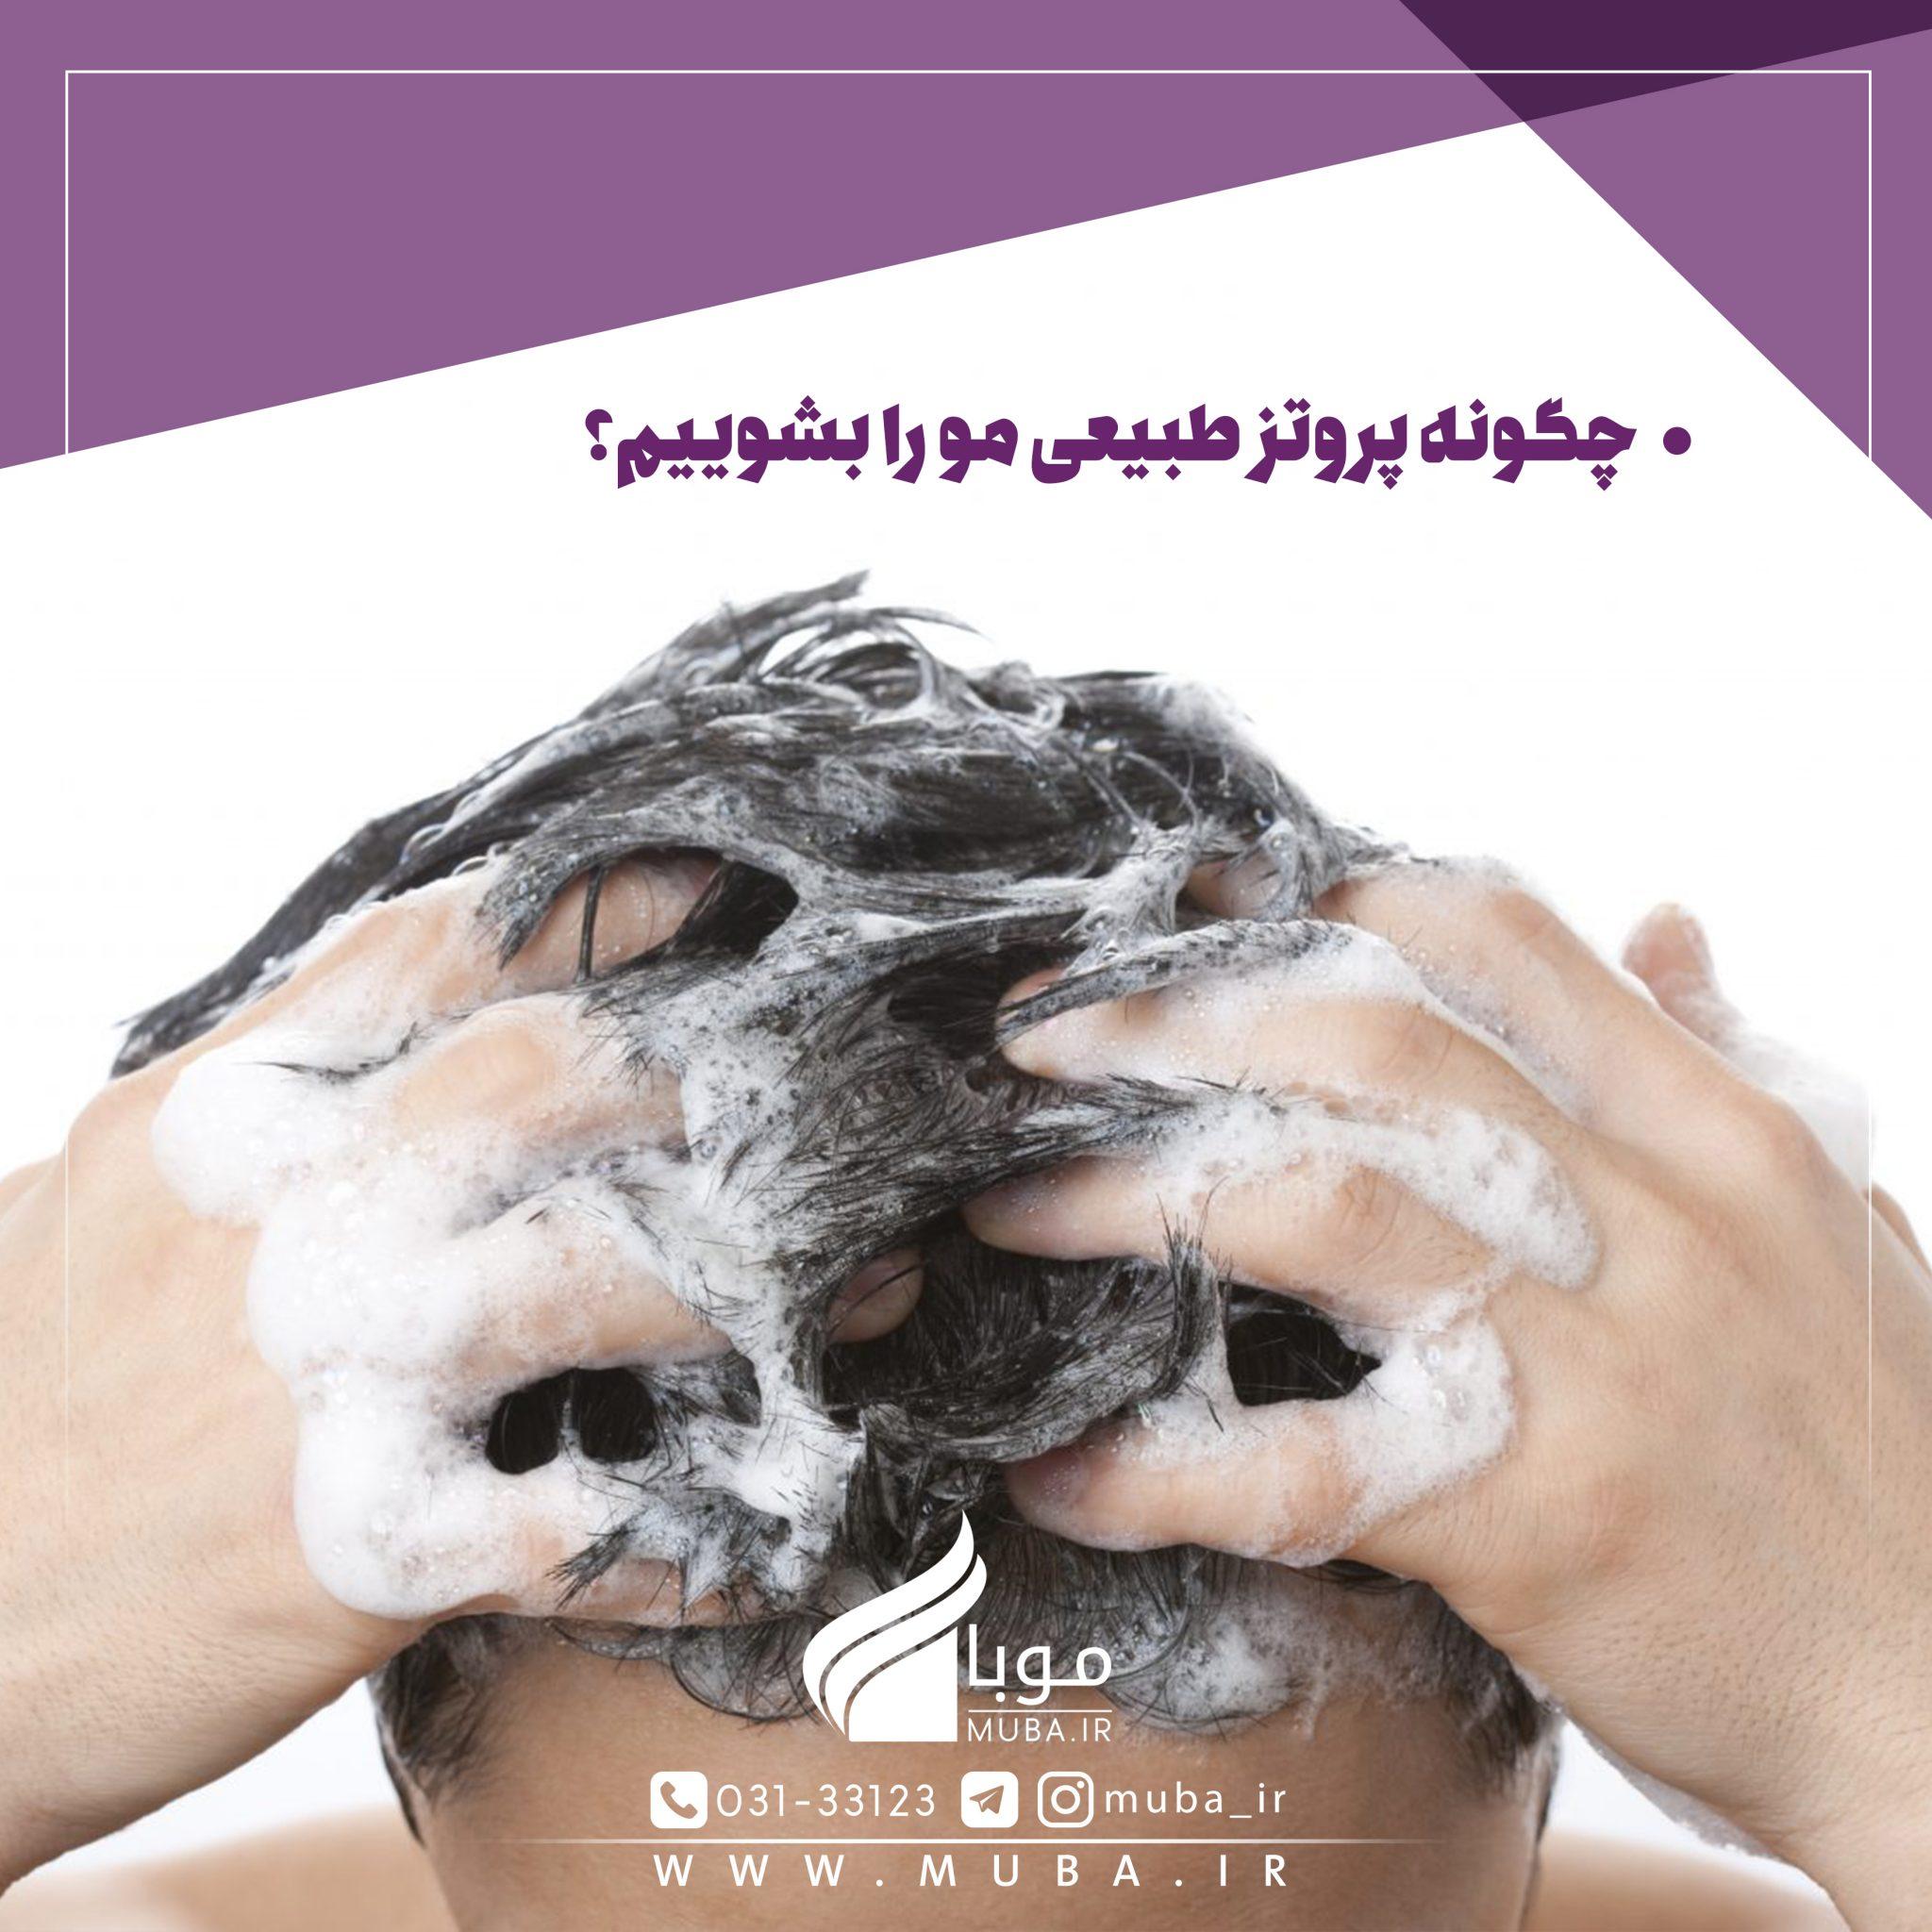 چگونه پروتز طبیعی مو را بشویم؟!